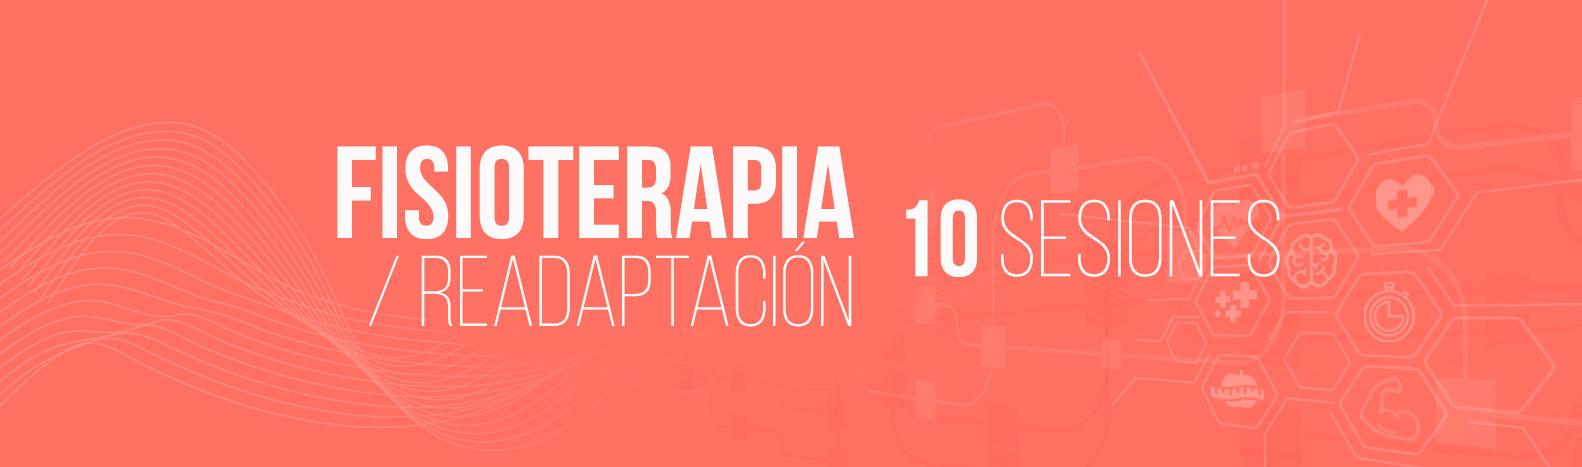 Bono 10 Sesiones Fisioterapia/Readaptación